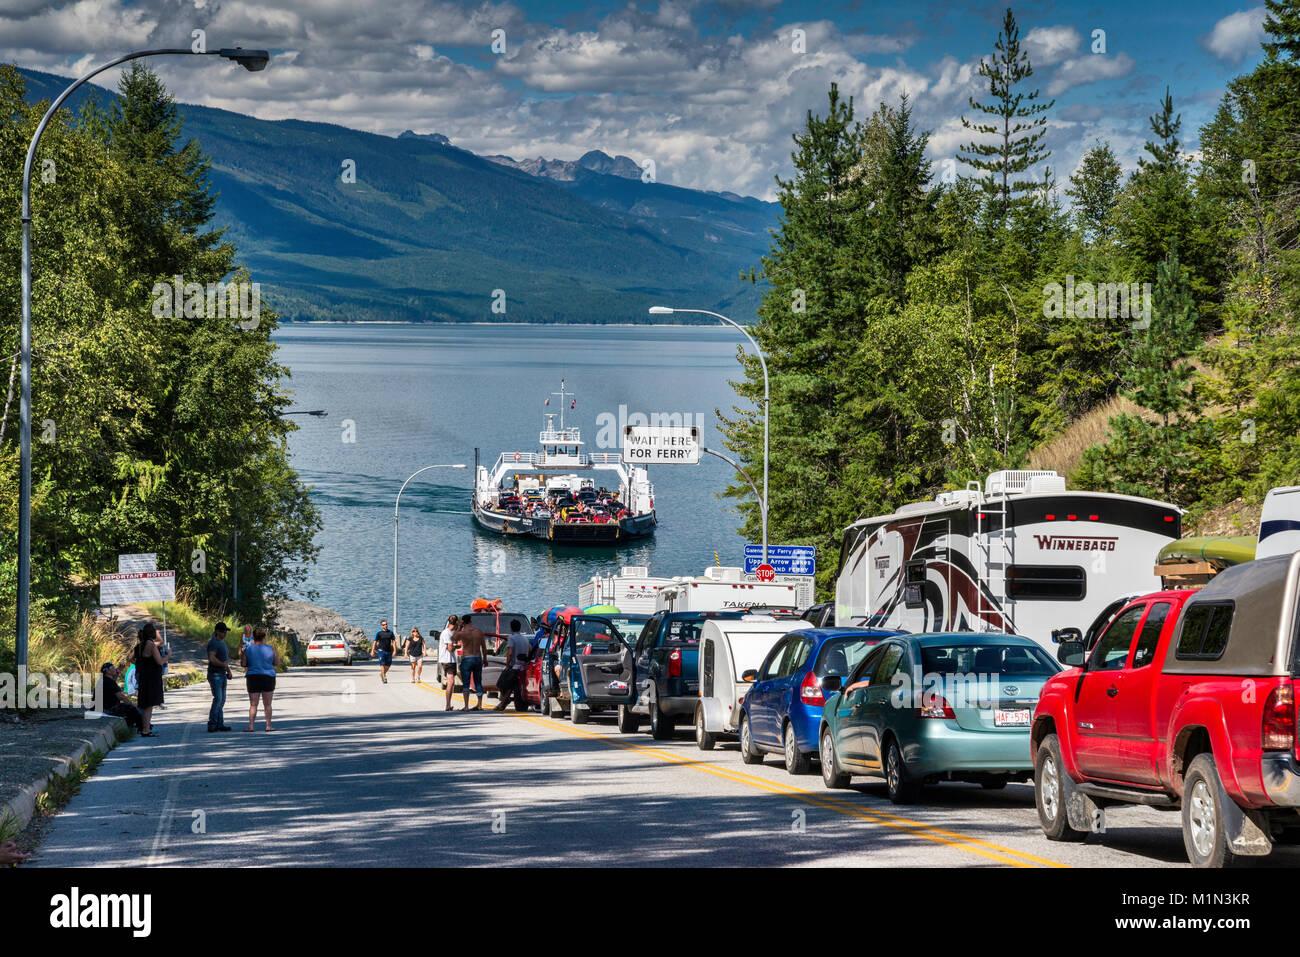 Línea de automóviles esperando para MV Galena para llegar a los lagos de flecha superior de la terminal de ferry en Galena Bay, en el oeste de la región de Kootenay, British Columbia, Canadá Foto de stock